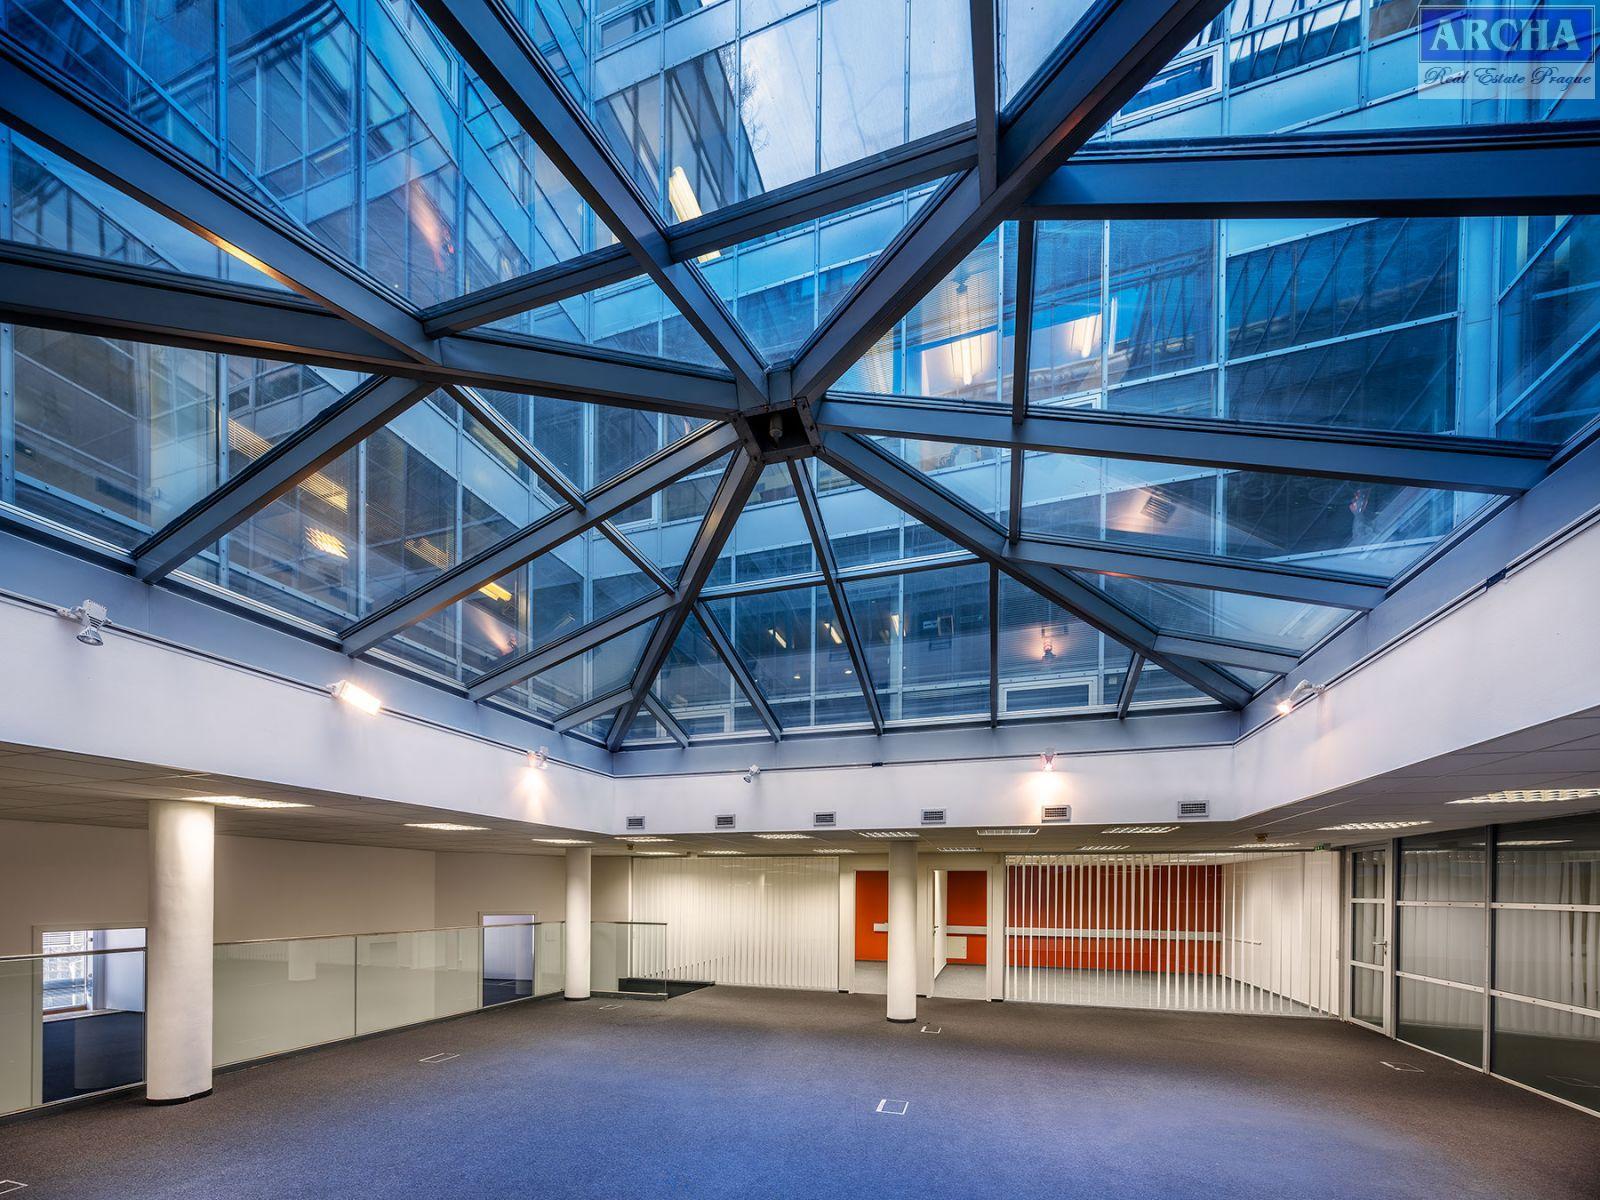 Nájem přízemních kanceláří 512 m2 + dvůr 92 m2, Praha 1 Centrum